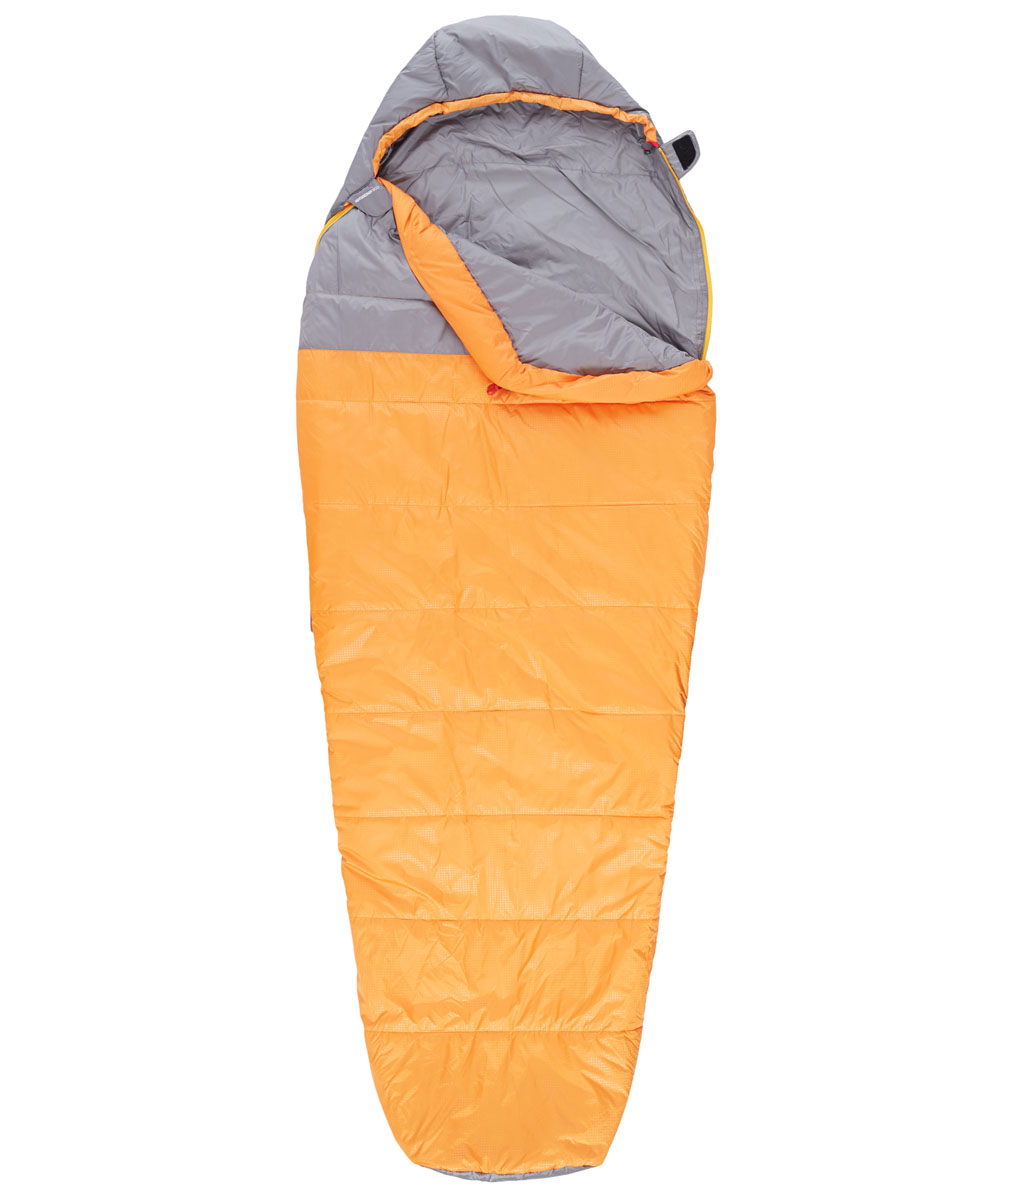 Мешок спальный The North Face Aleutian 35/2, удлиненный, цвет: оранжевый, серый, левосторонняя молния67742The North Face Aleutian 35/2 - это трехсезонный спальный мешок для путешествий, который можно целиком расстегнуть и расстелить в палатке. Этот спальный мешок очень вместительный, универсальный, теплый, комфортный и при этом практичный. Спальный мешок упакован в удобный чехол для переноски.Вес наполнителя: 584 г.Длина мешка: 198 см.